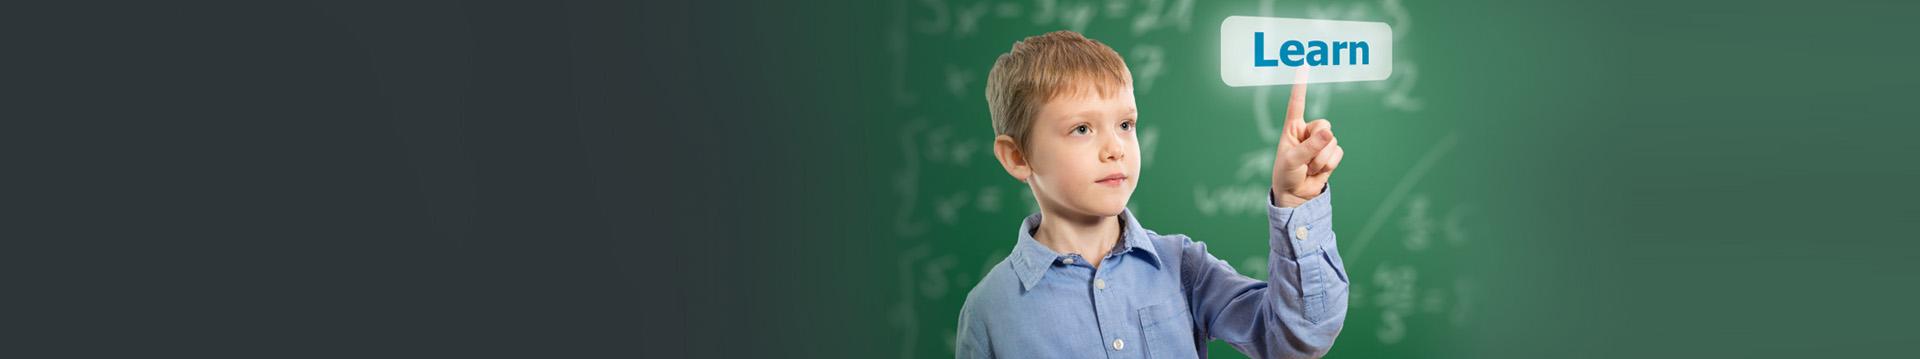 Moderní řízení školy a výuky